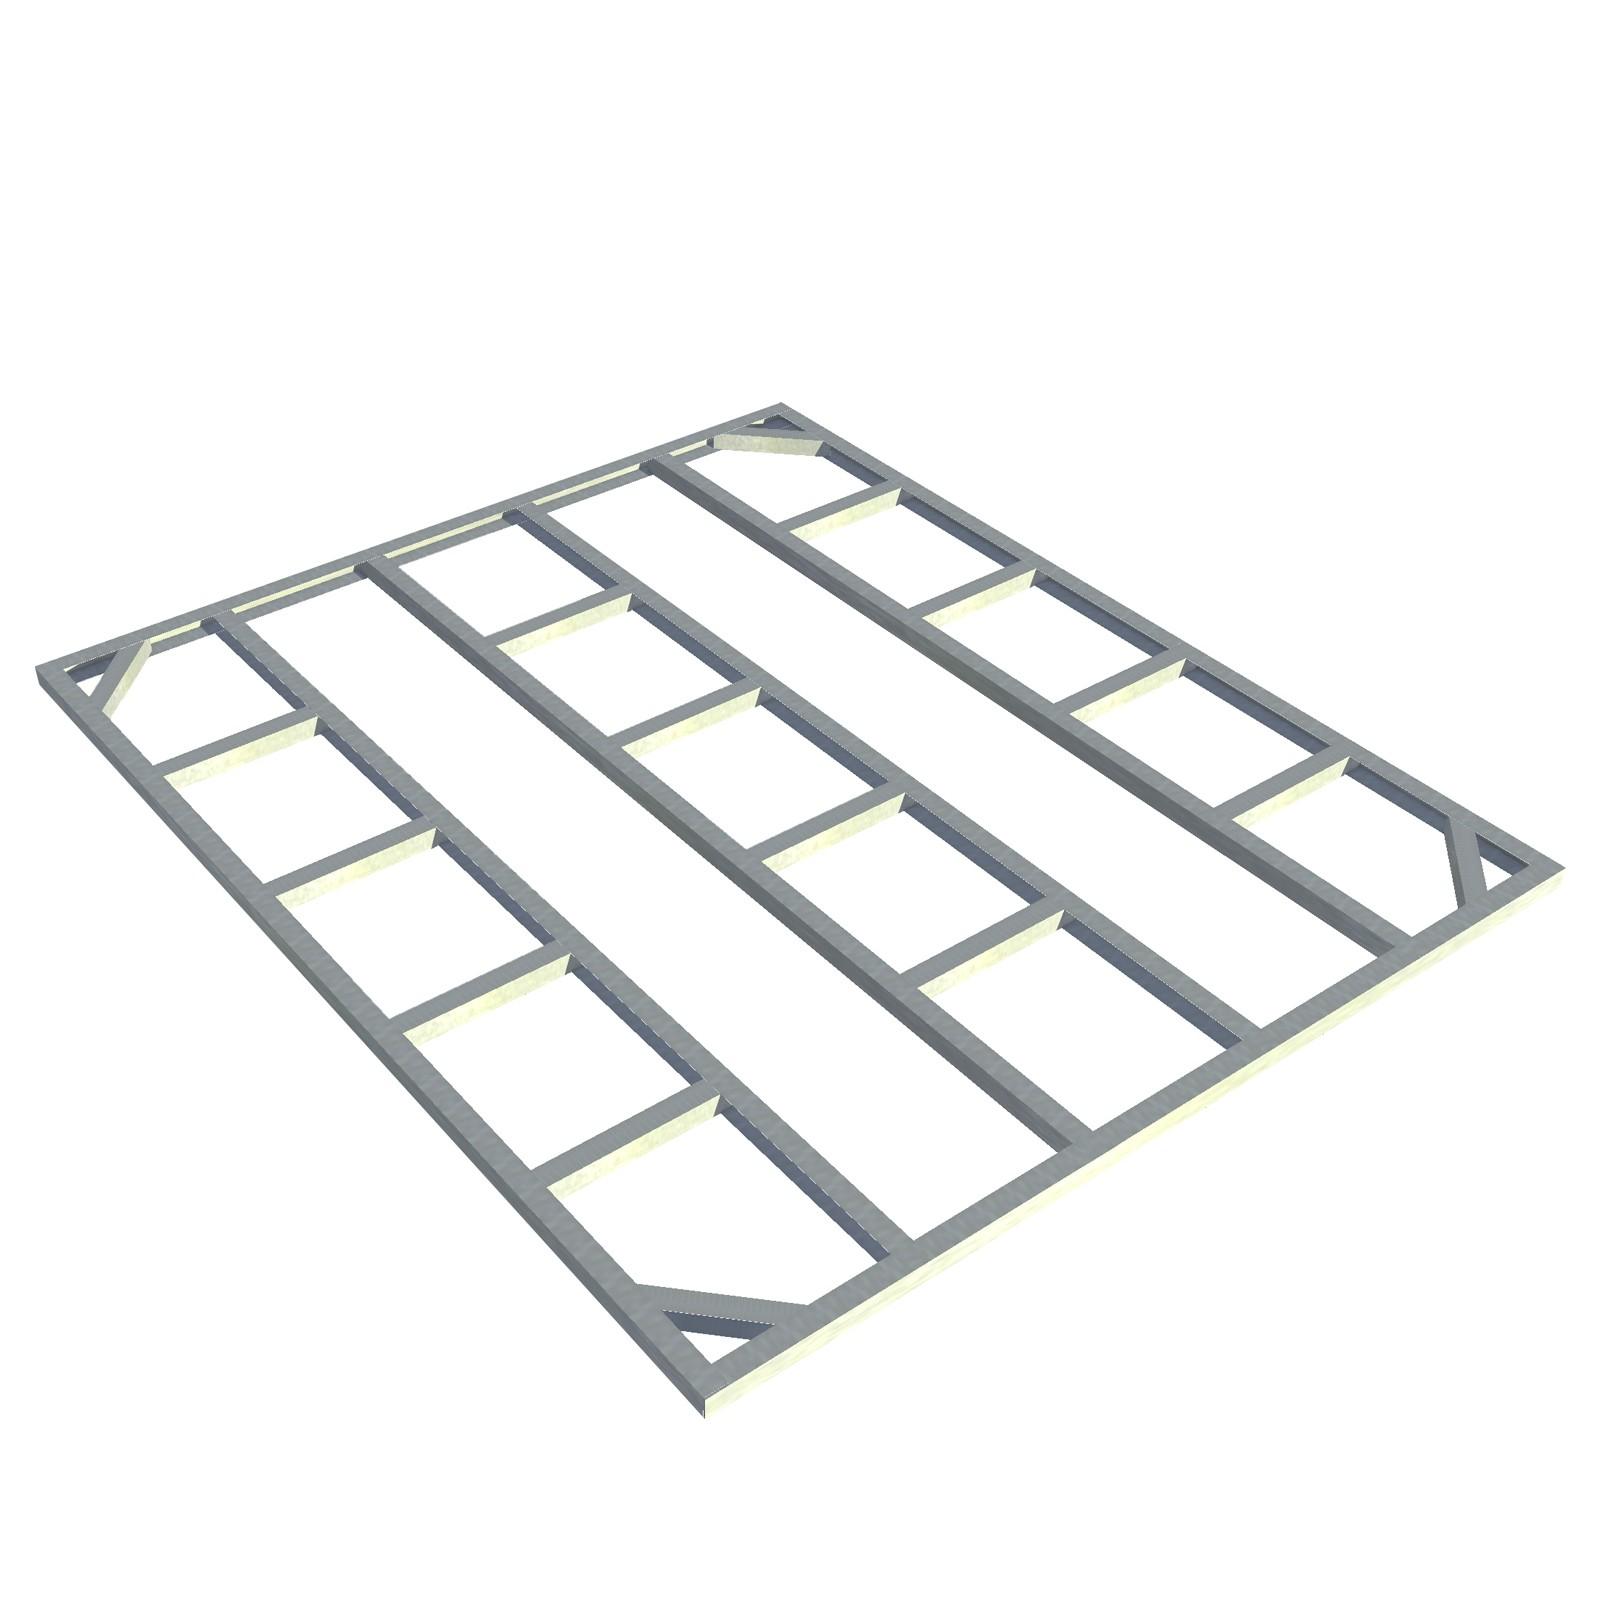 tepro metall unterkonstruktion gartenhaus ger tehaus titan 8x6 1 erweiterung. Black Bedroom Furniture Sets. Home Design Ideas